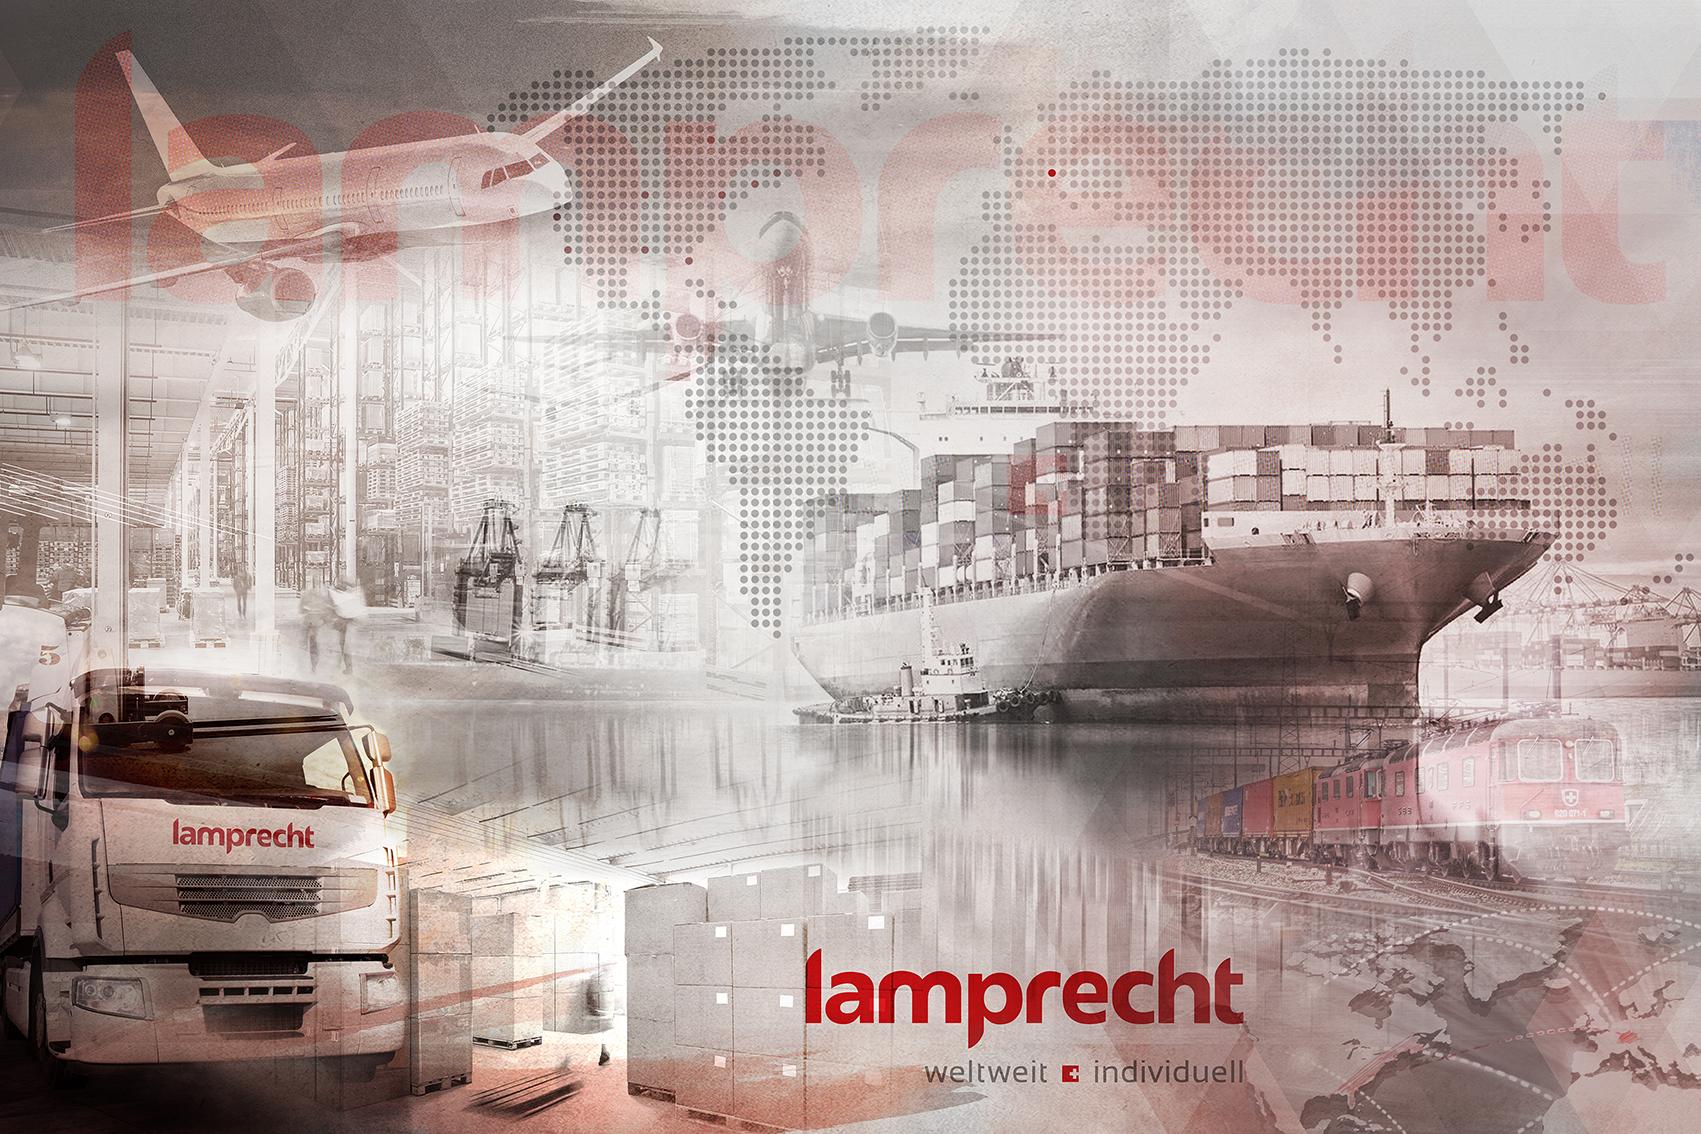 Lamprecht